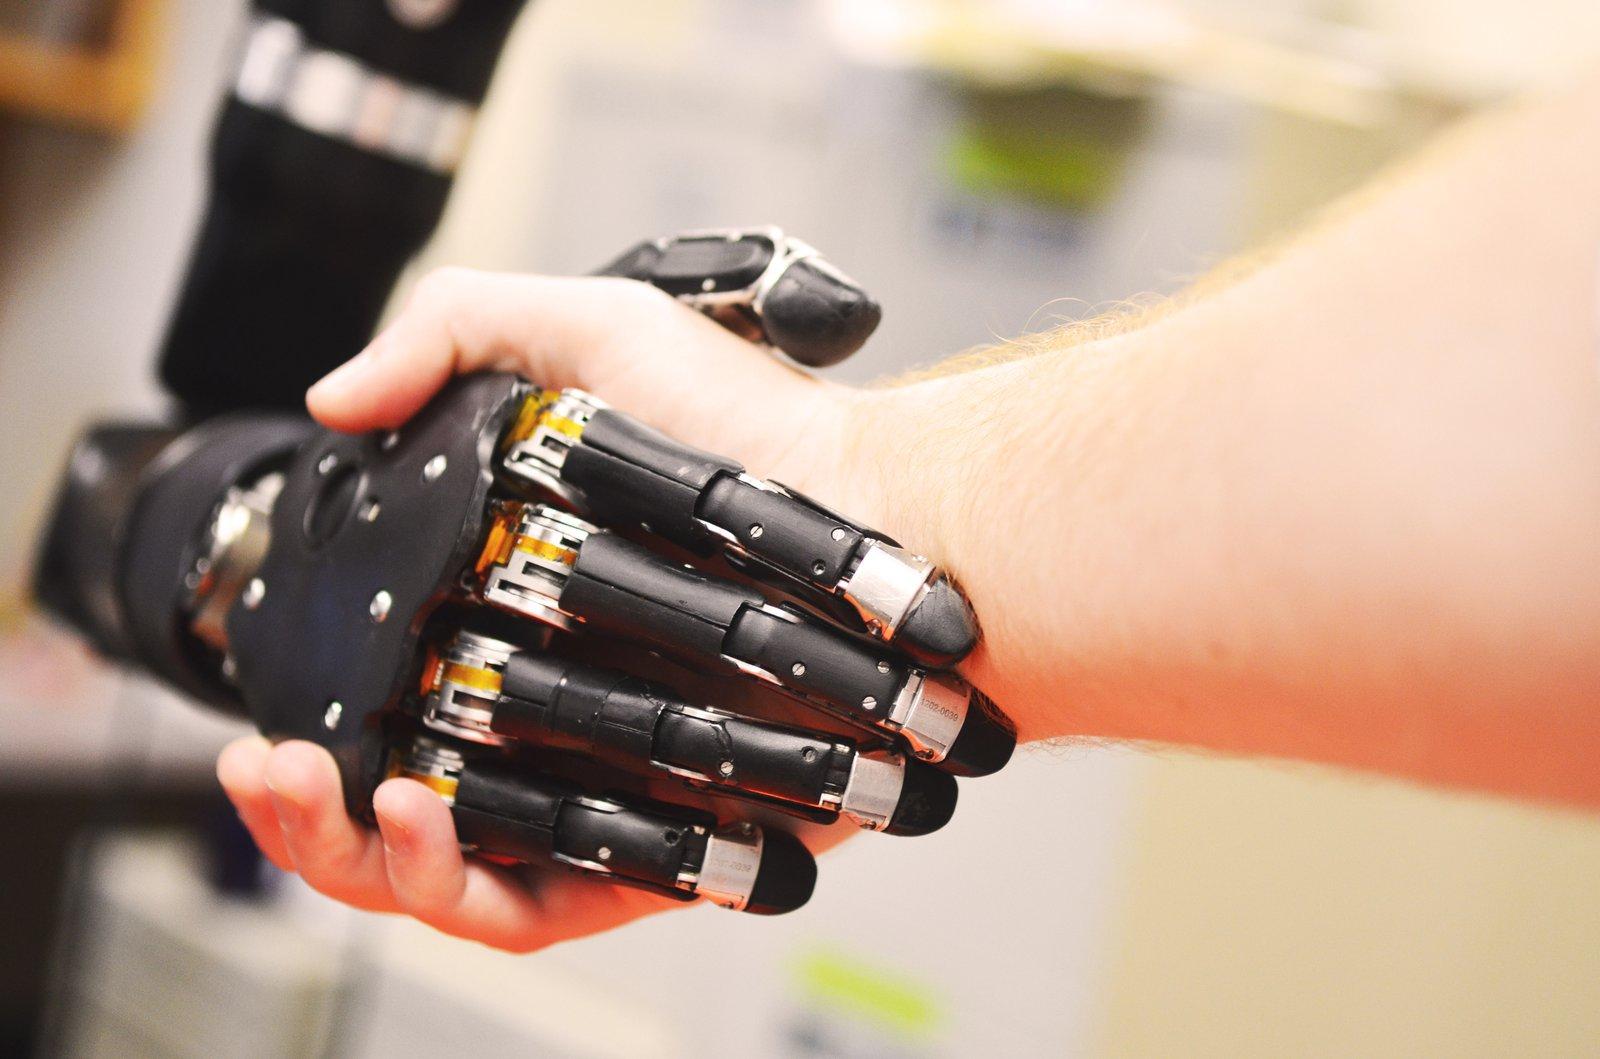 Robot handshake 2